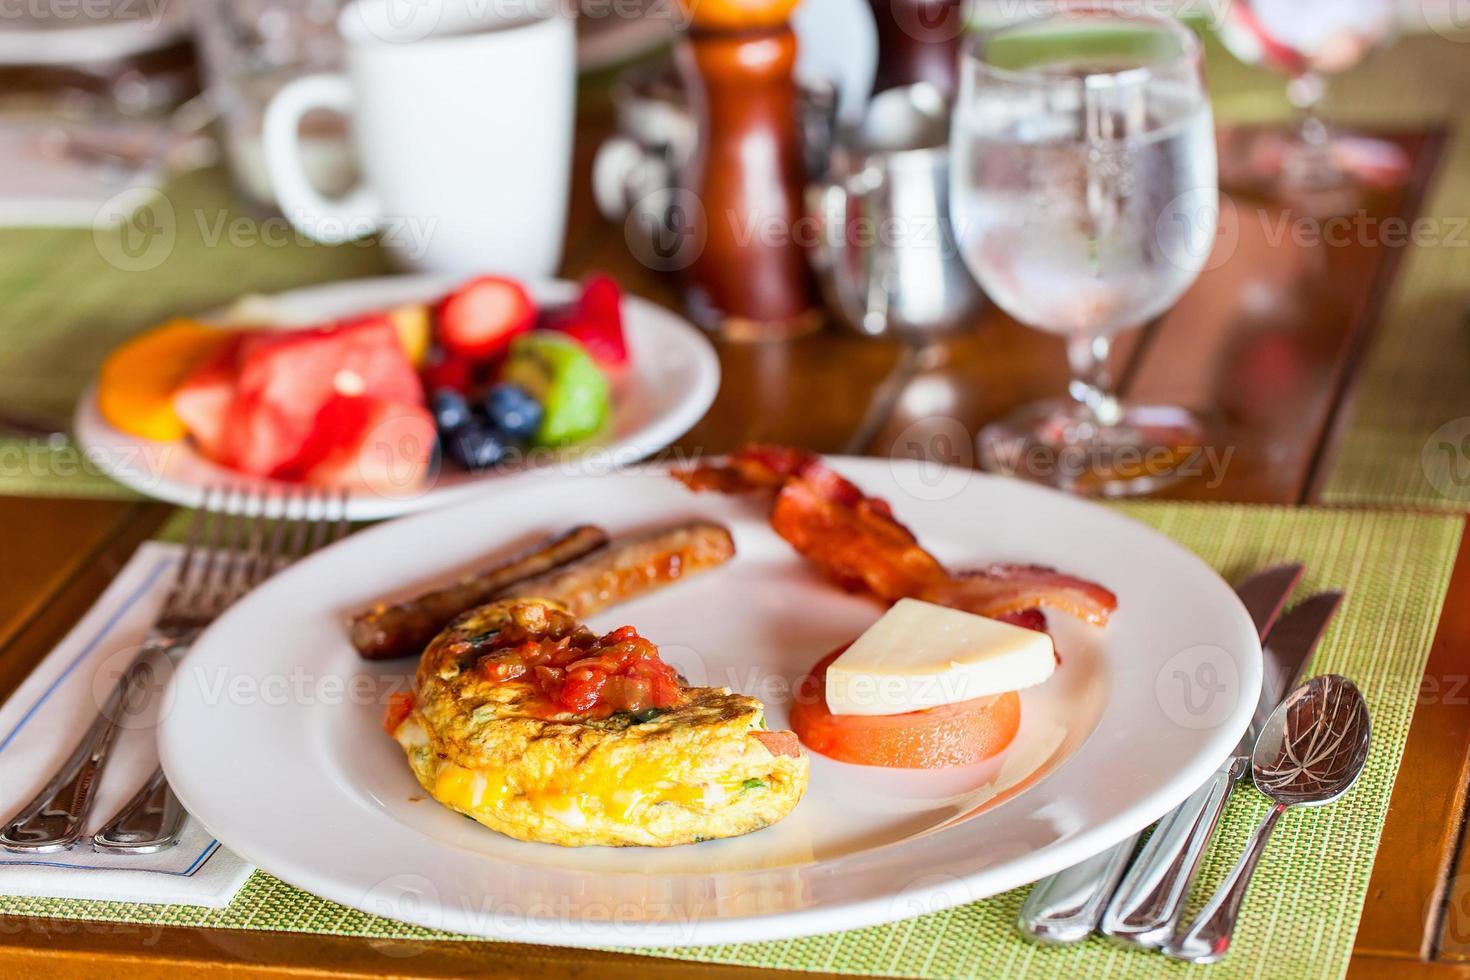 desayuno con tortilla, frutas frescas y café foto